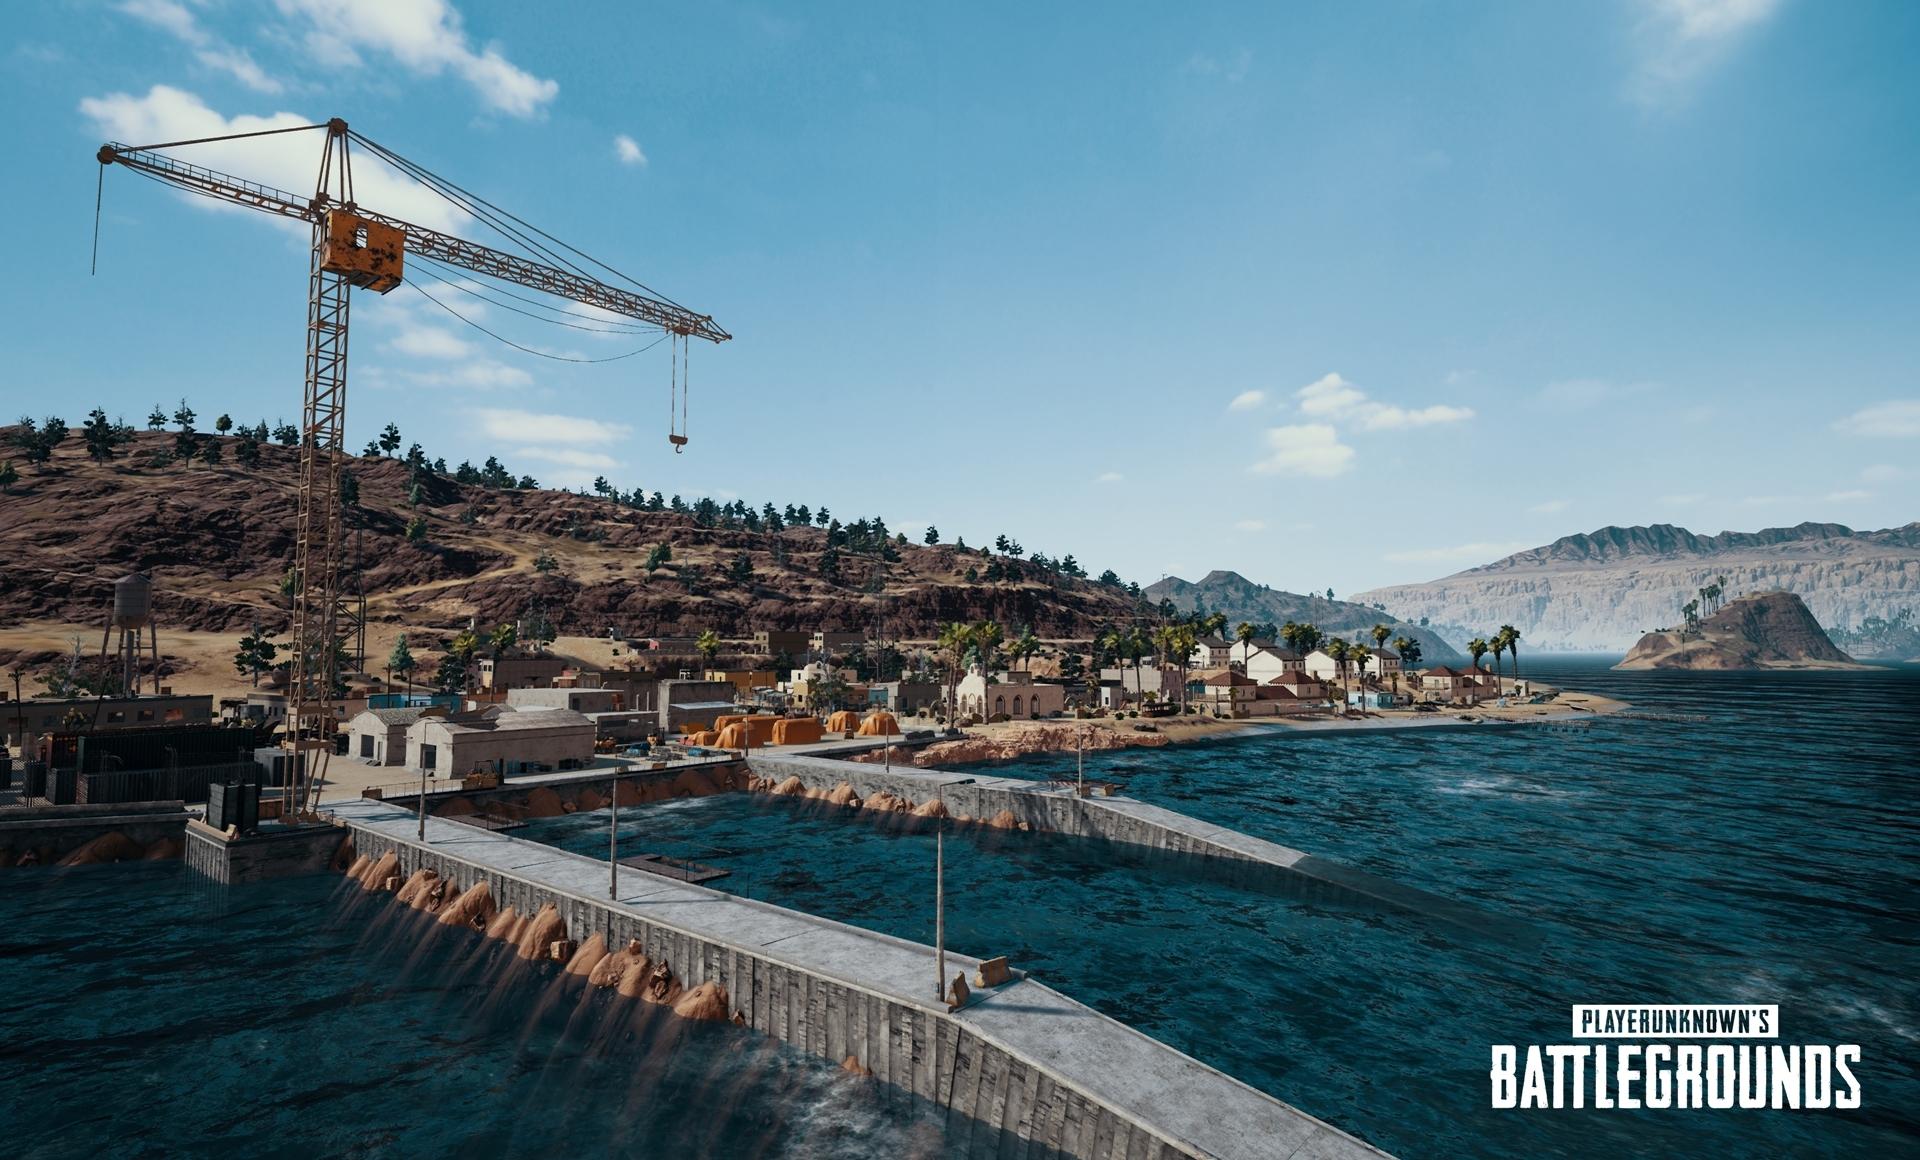 PUBG Corp attaque Epic Games en justice pour violation des droits d'auteur